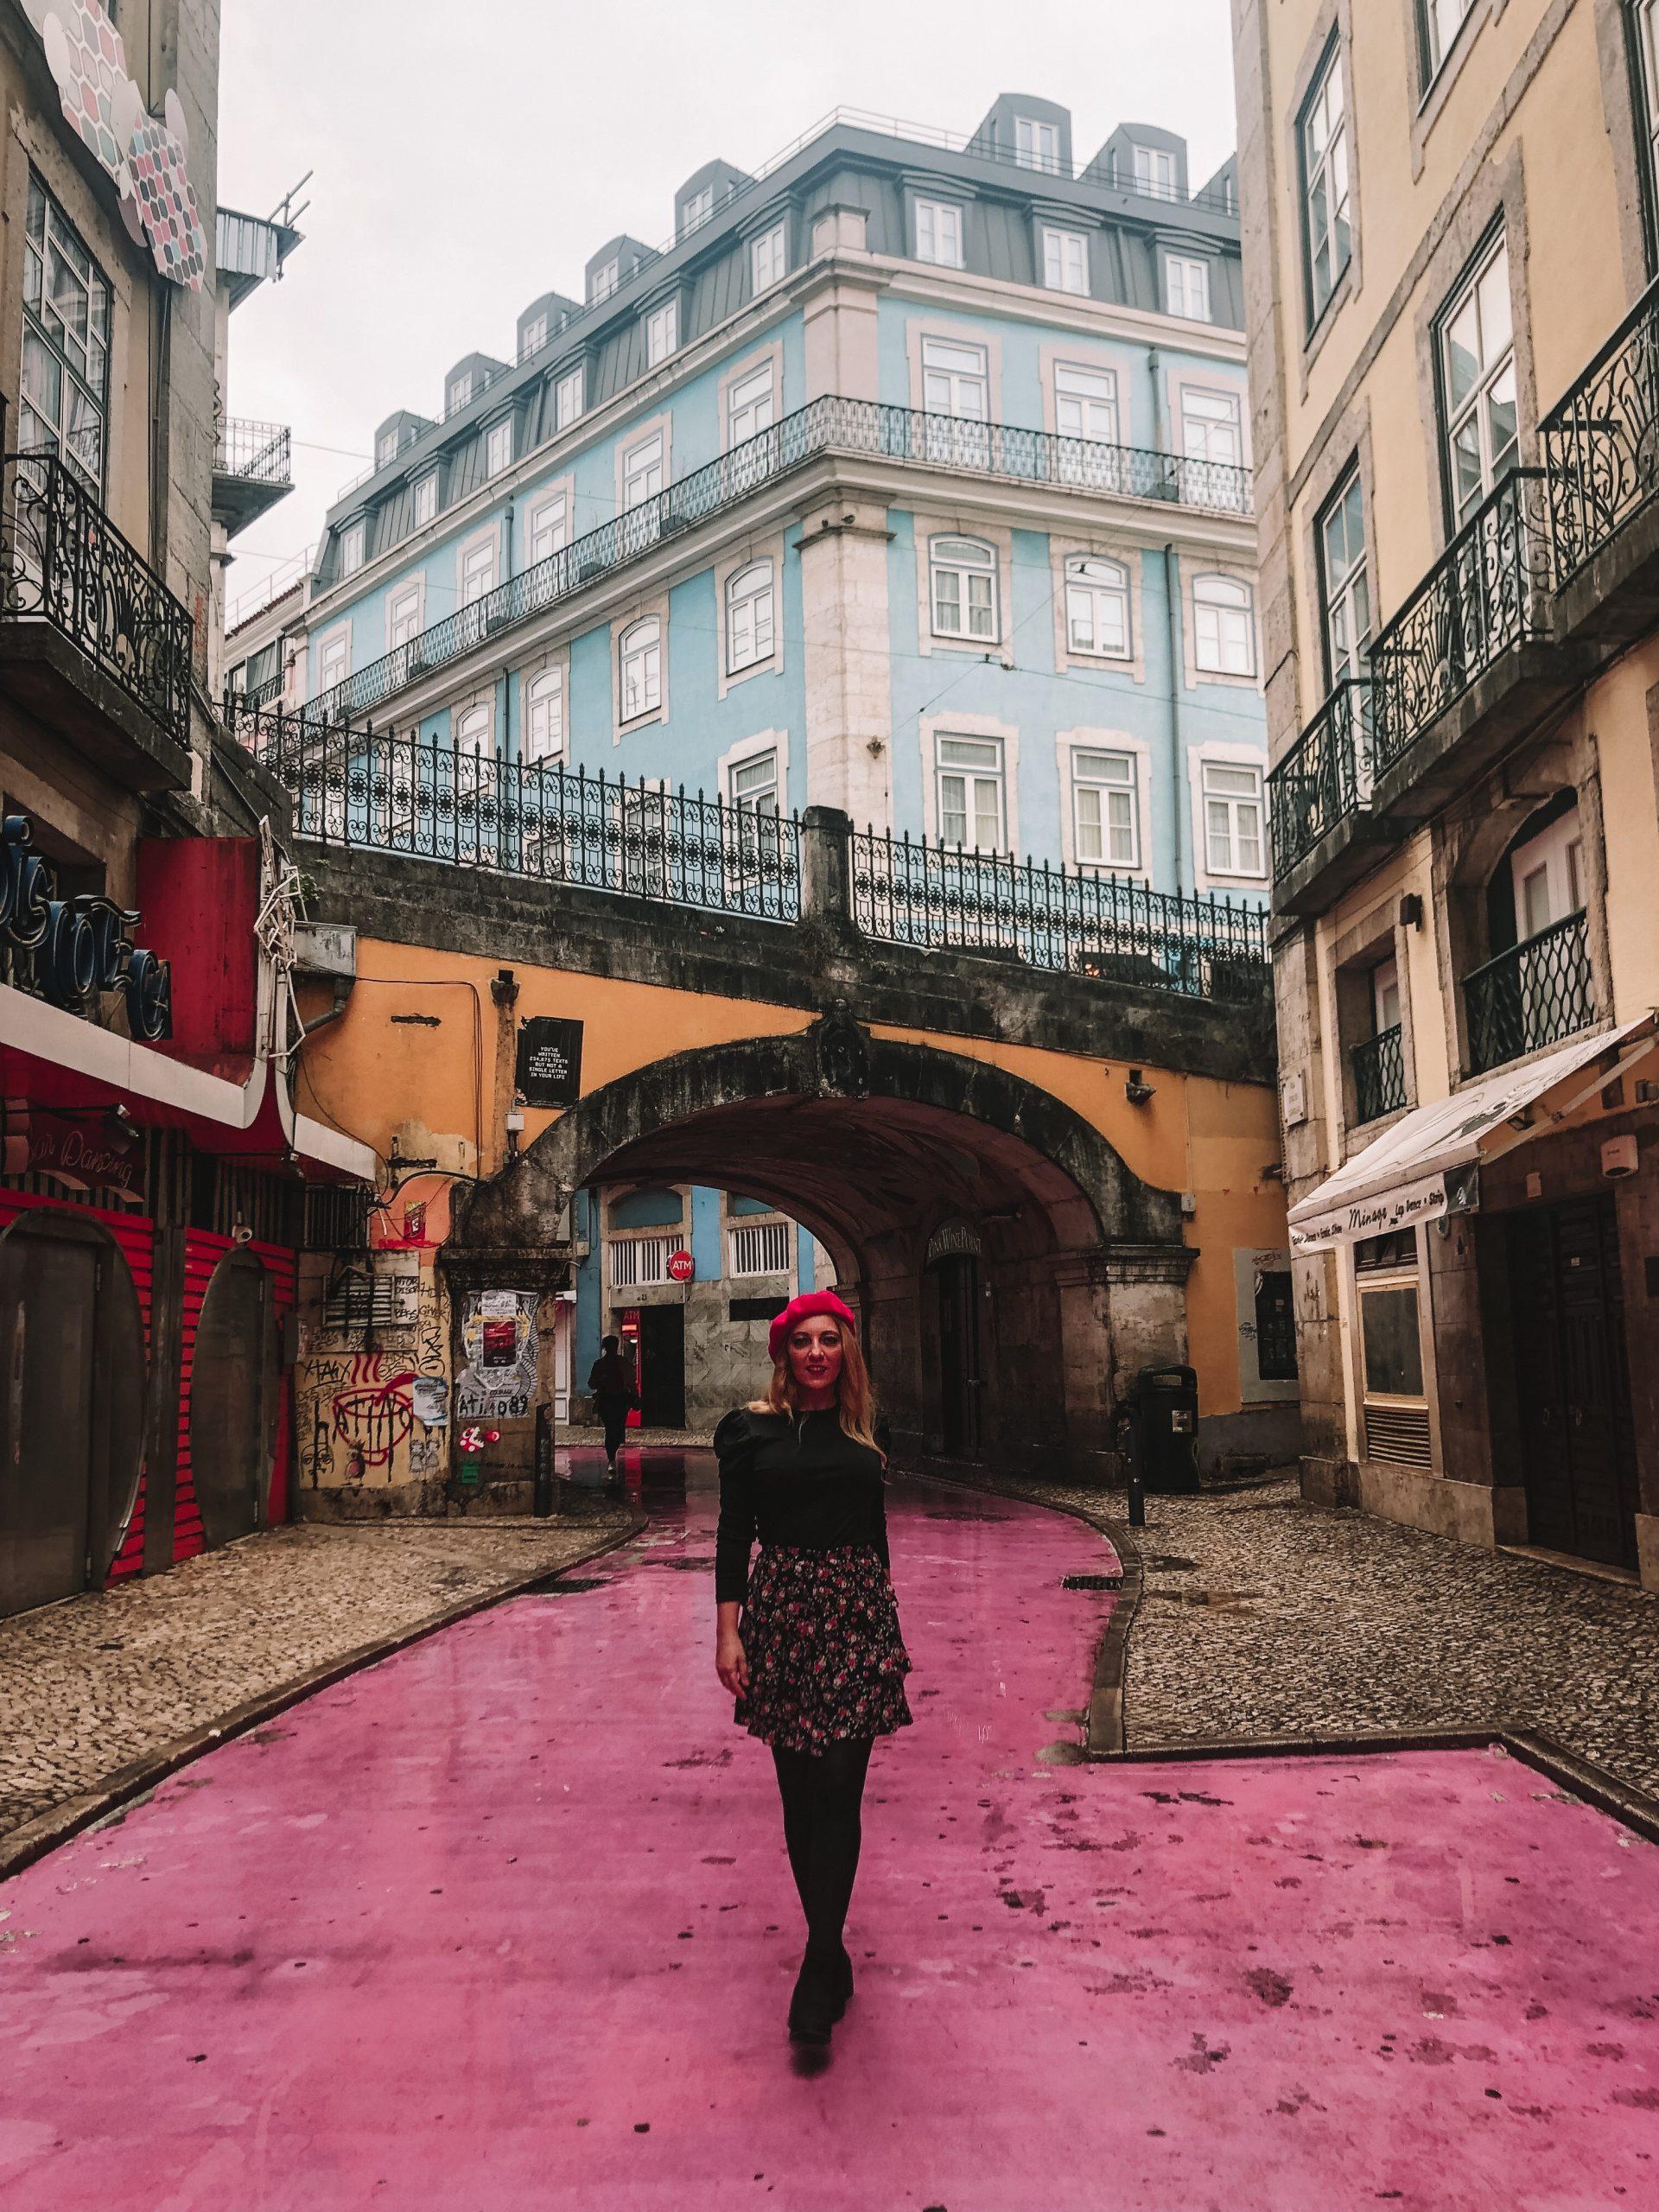 qué hacer en Lisboa y Sintra 3 días